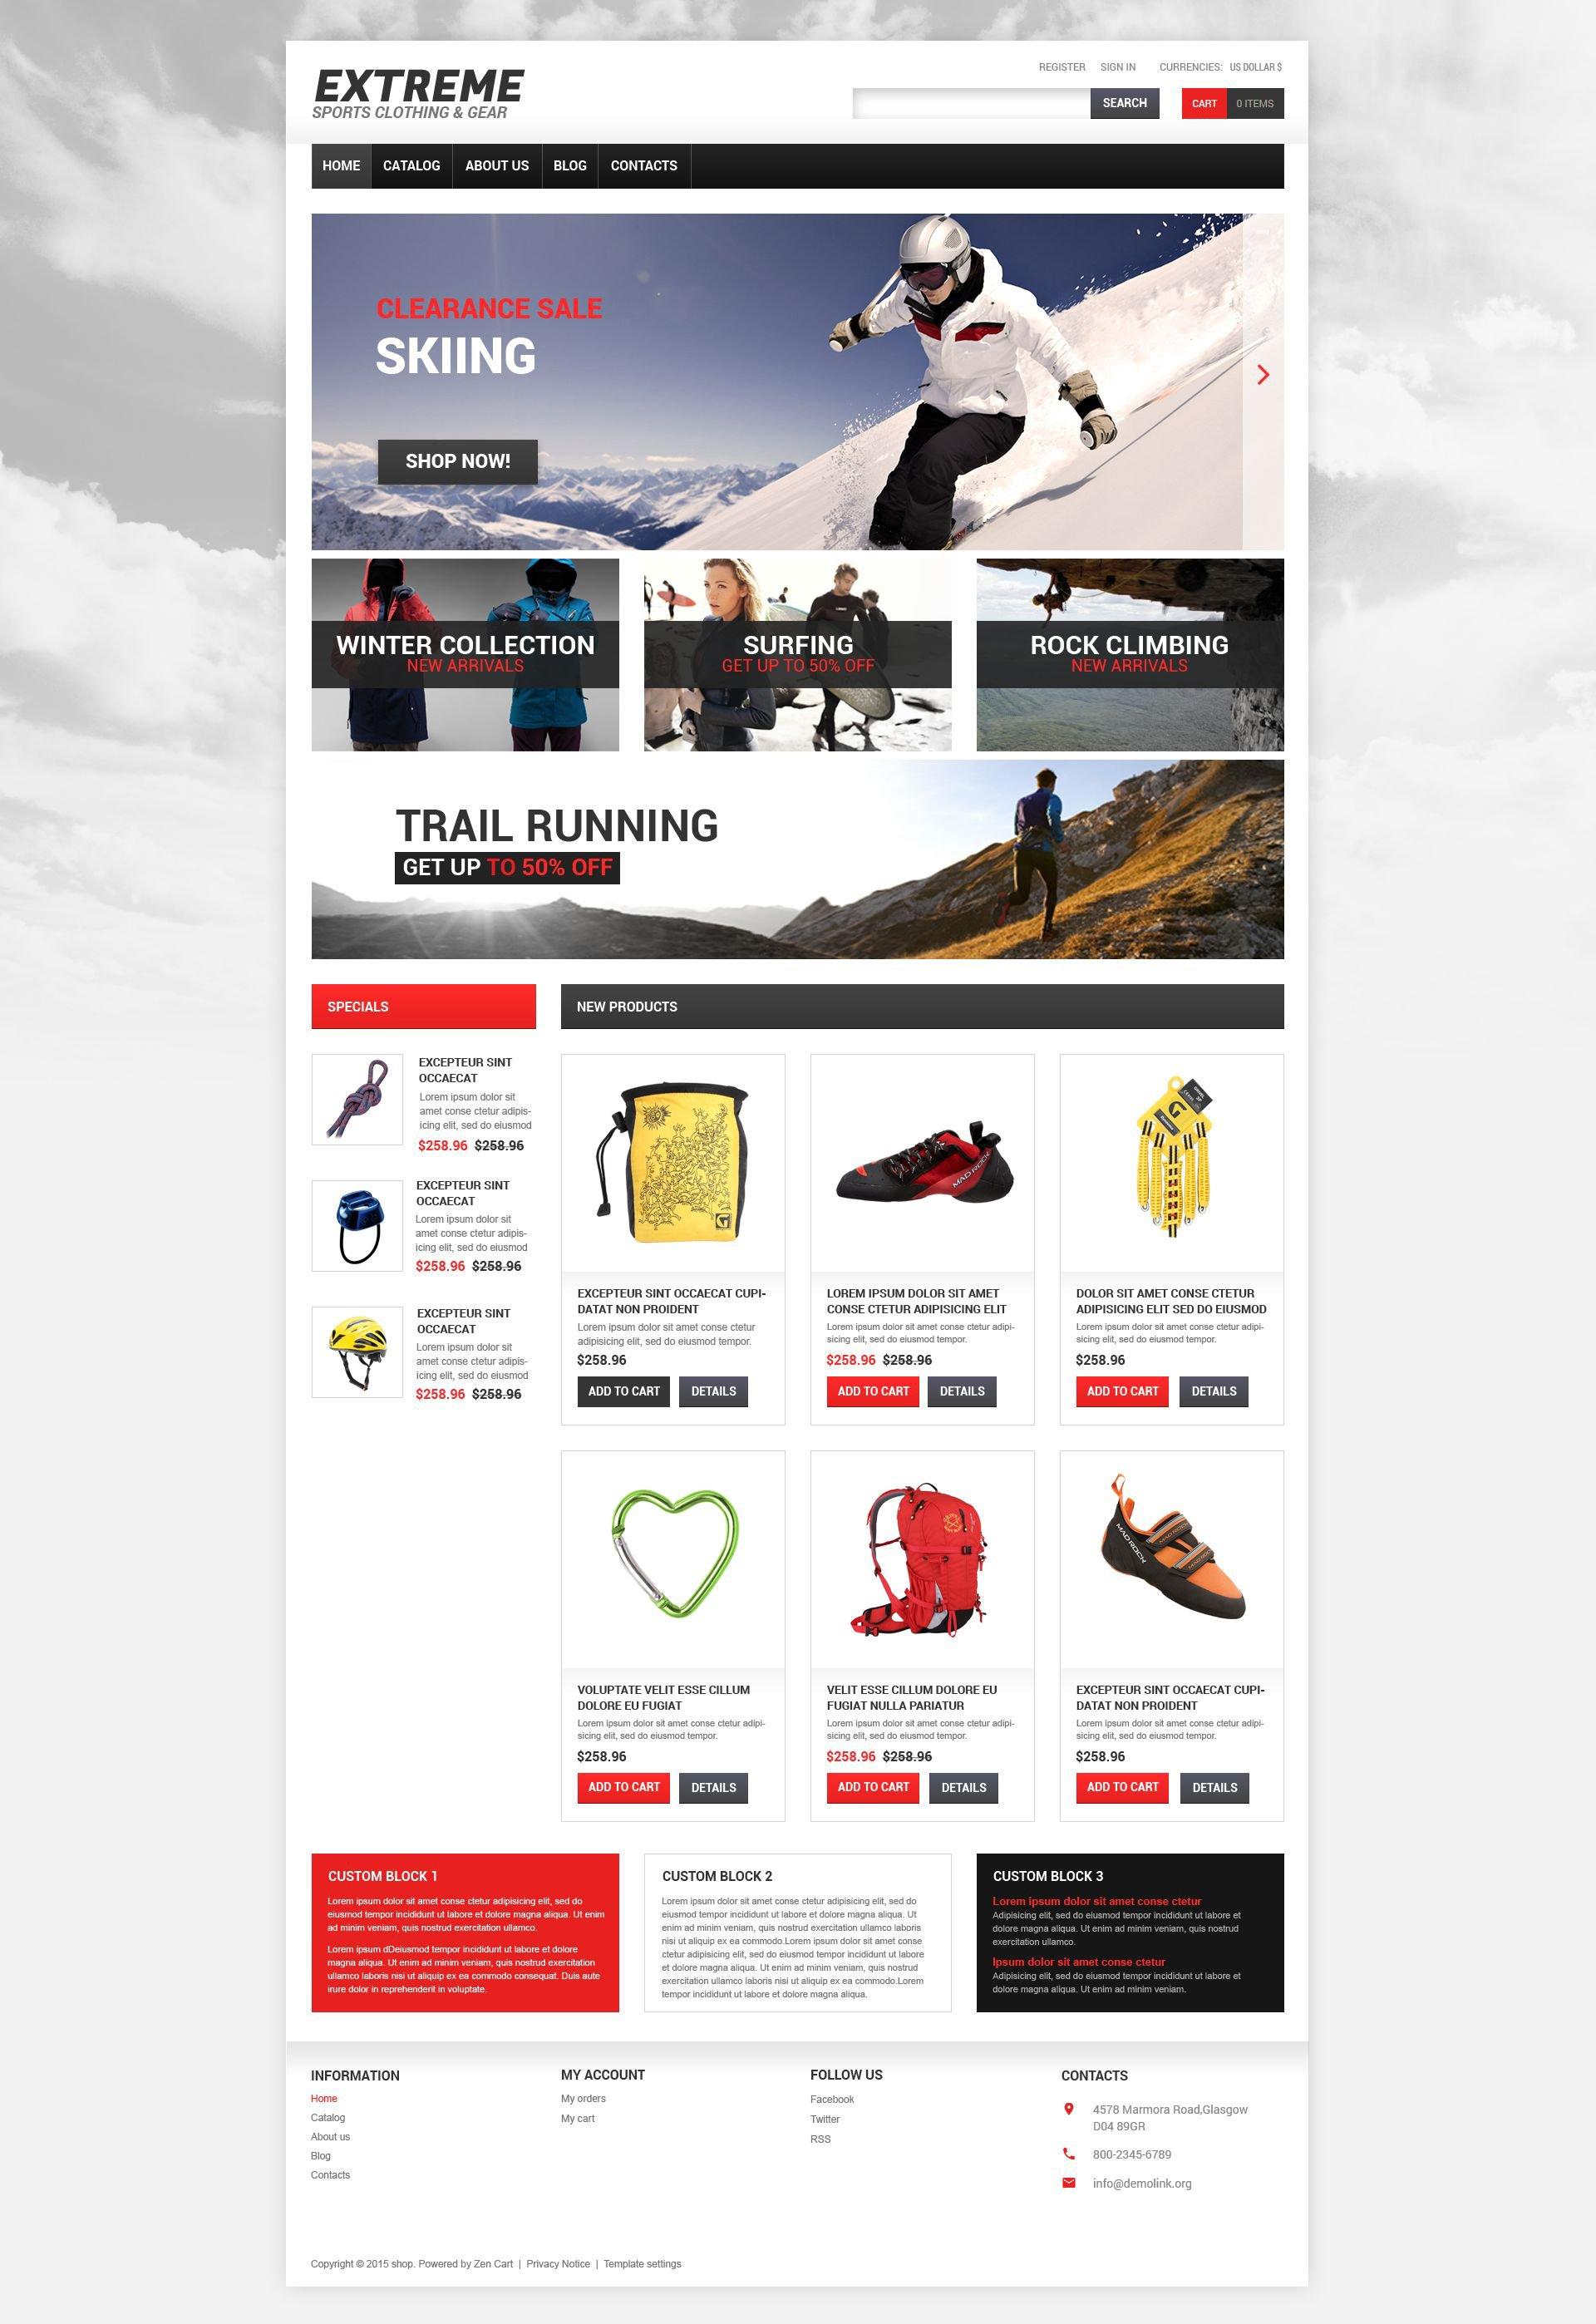 极限运动VirtueMart模板 #55011